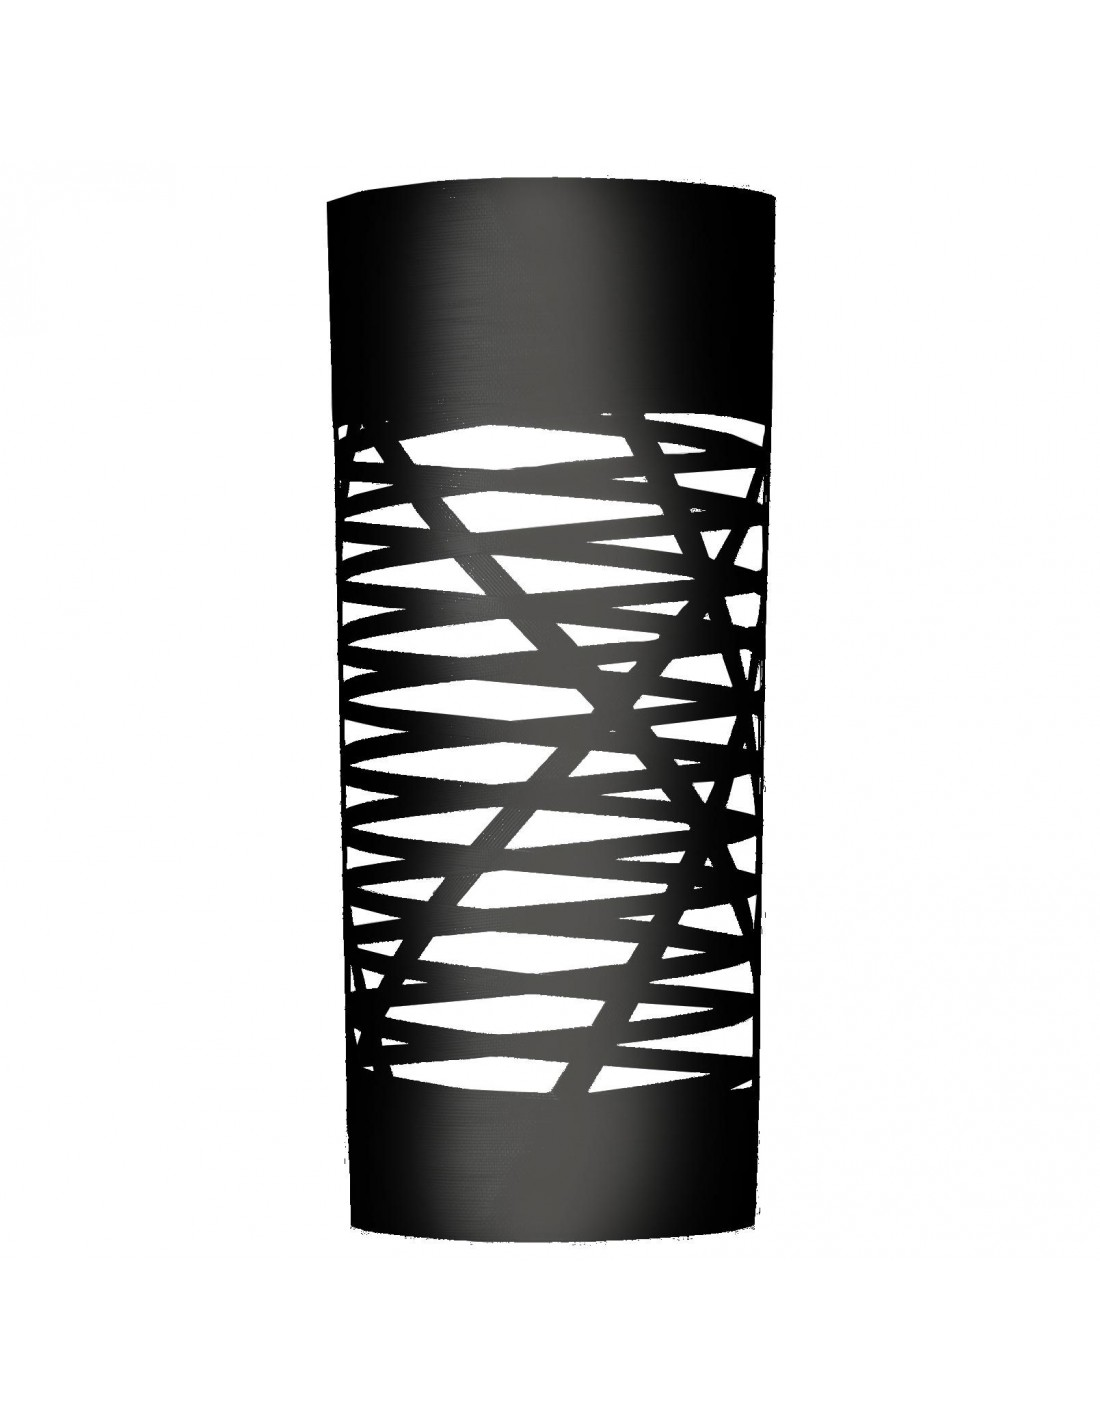 applique tress grande de couleur noir du designer Marc Sadler pour la marque Foscarini chez Valente Design